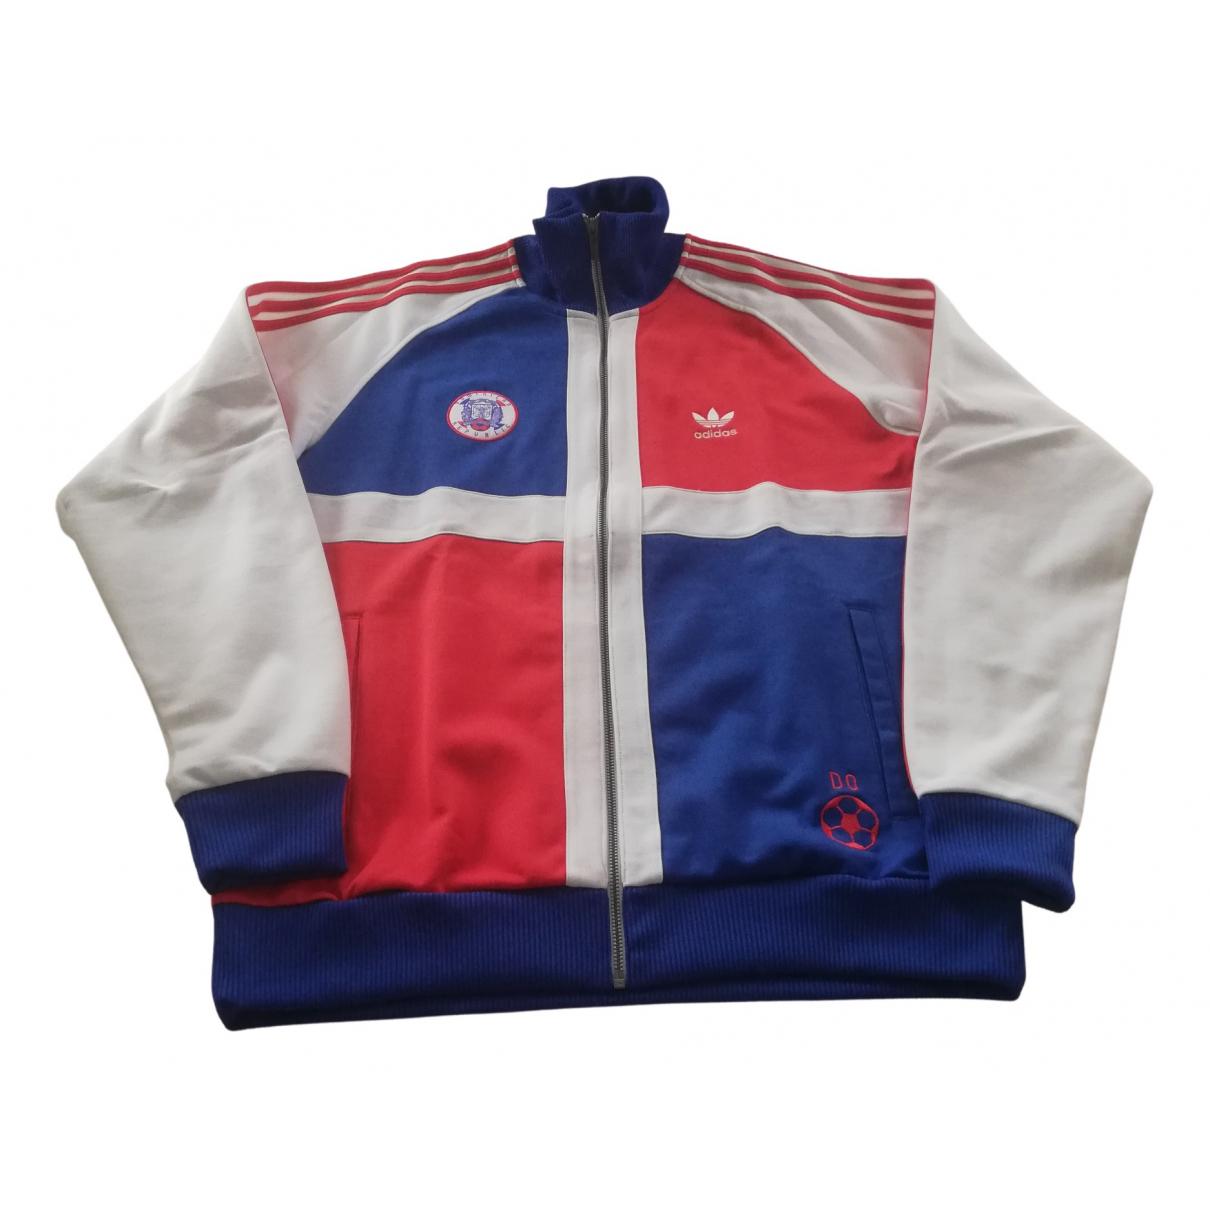 Adidas - Vestes.Blousons   pour homme en coton - multicolore